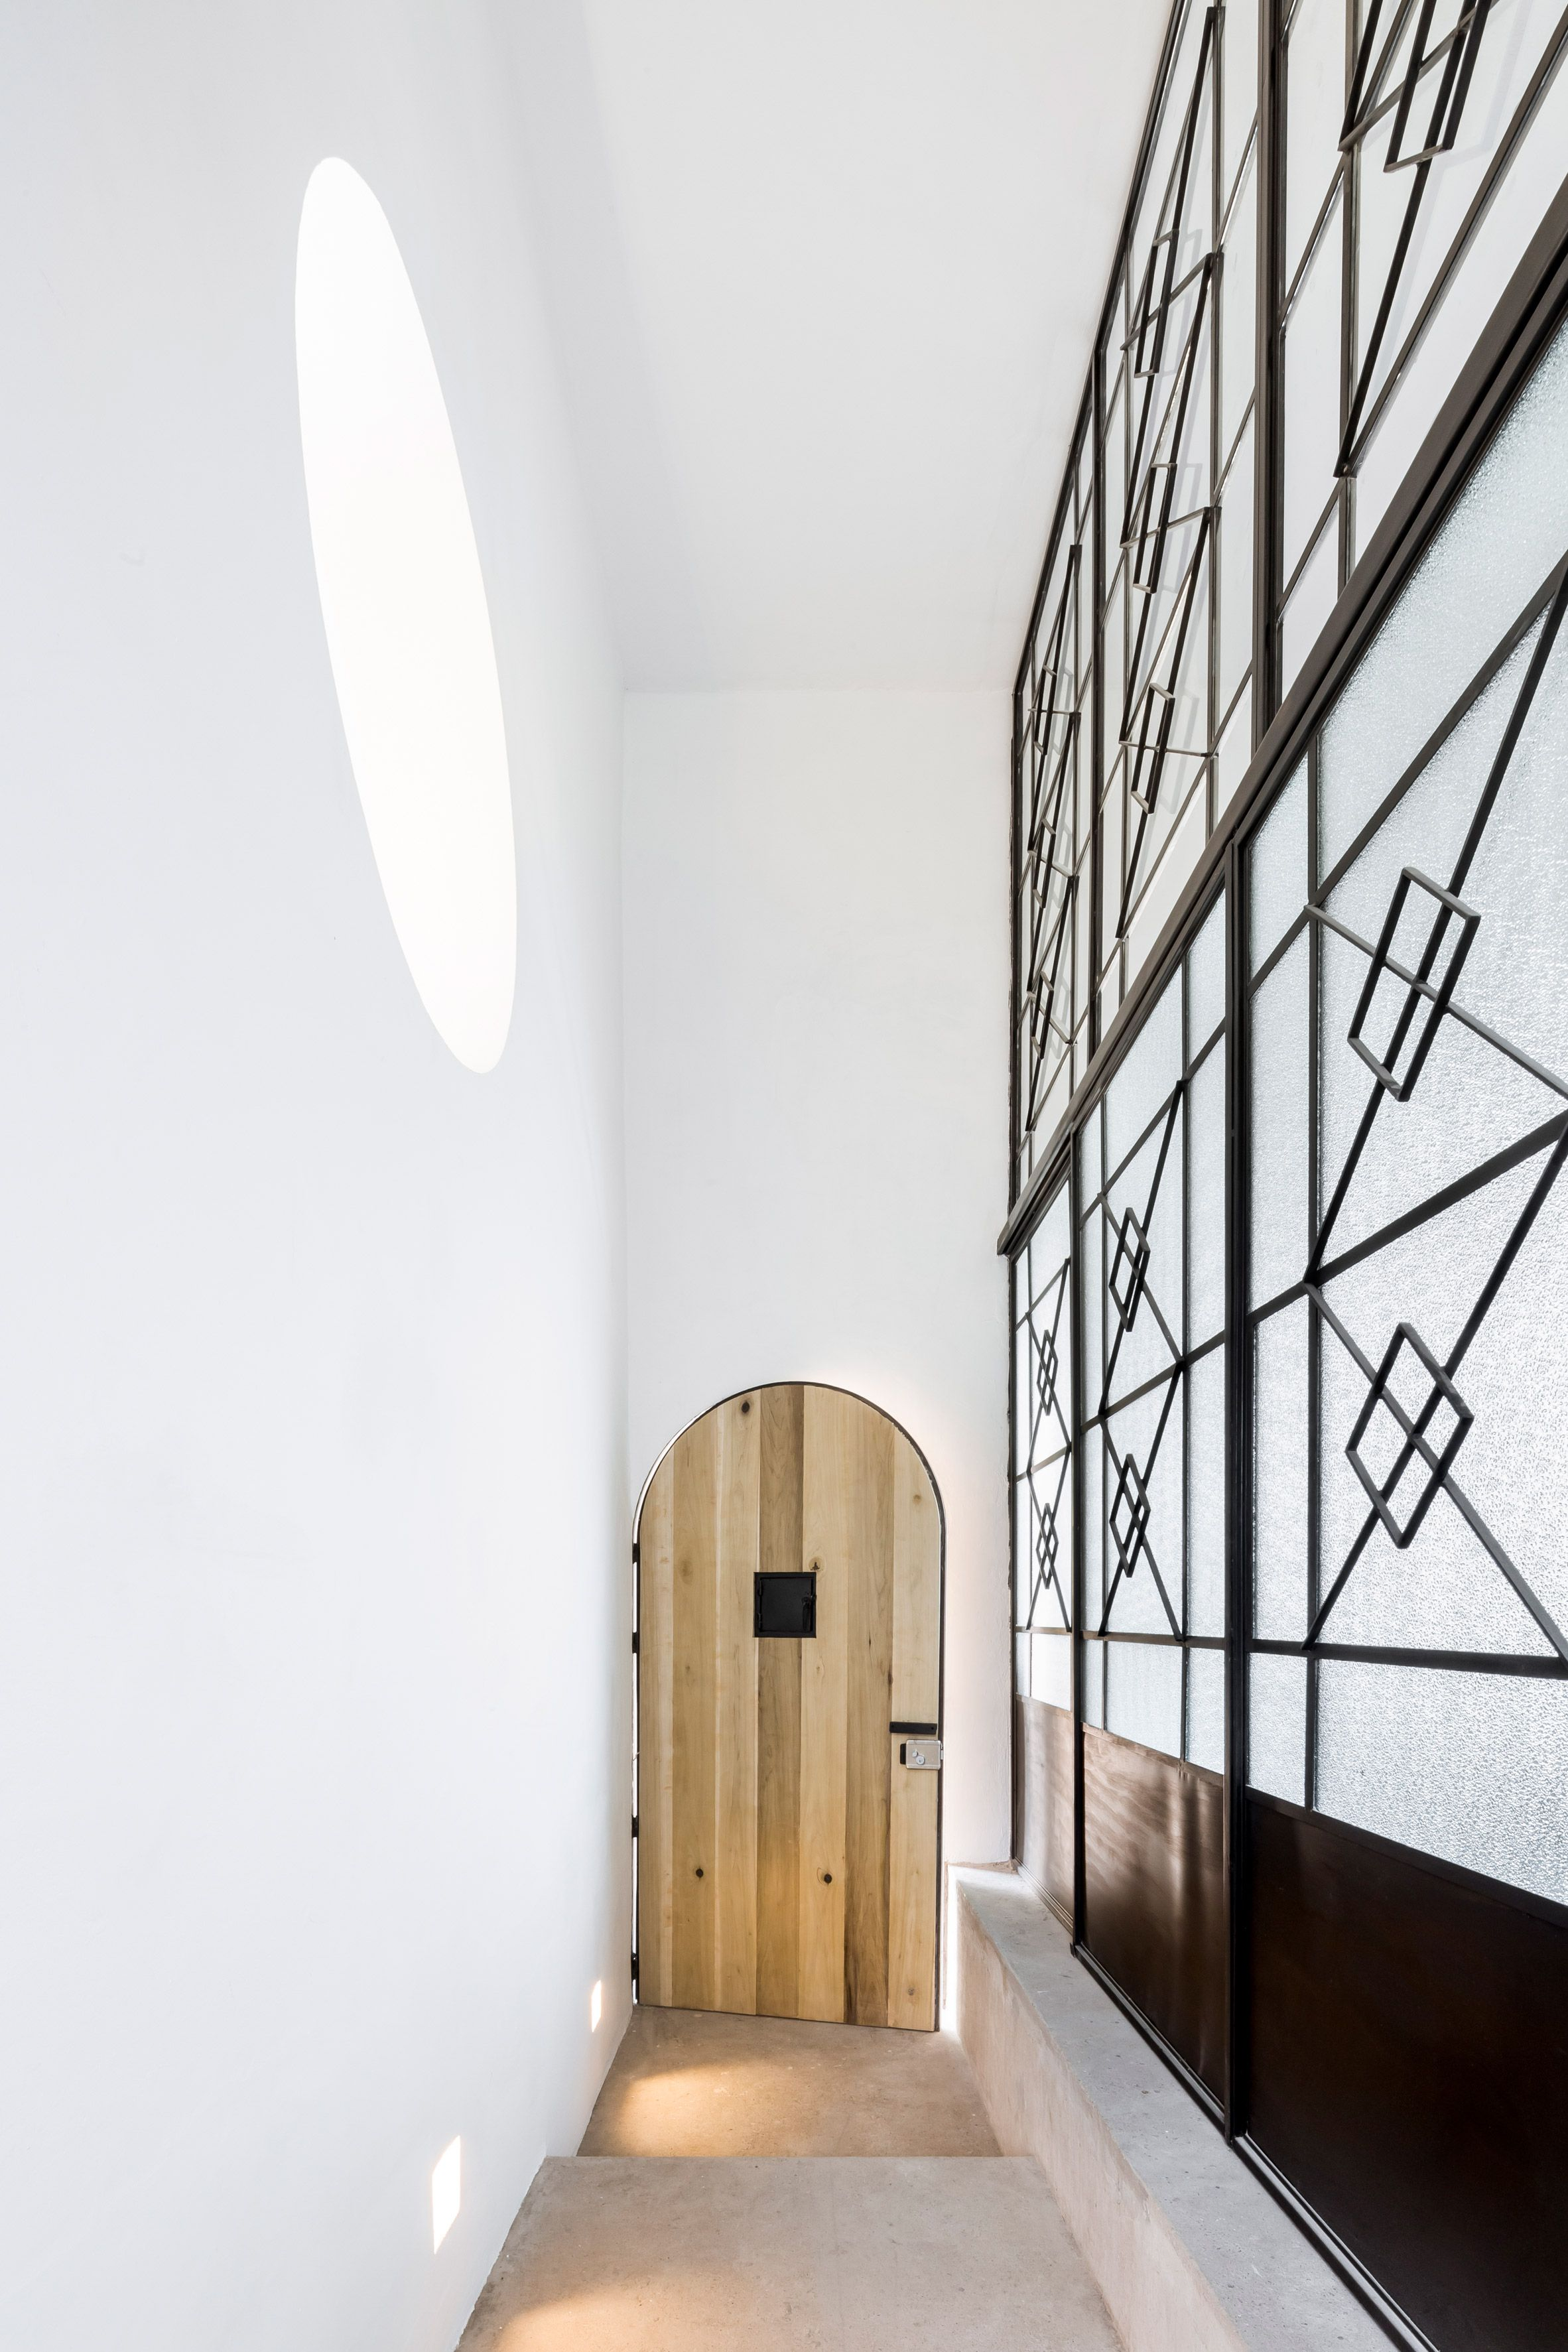 Delfino lozano transforms traditional guadalajara house into light filled family home